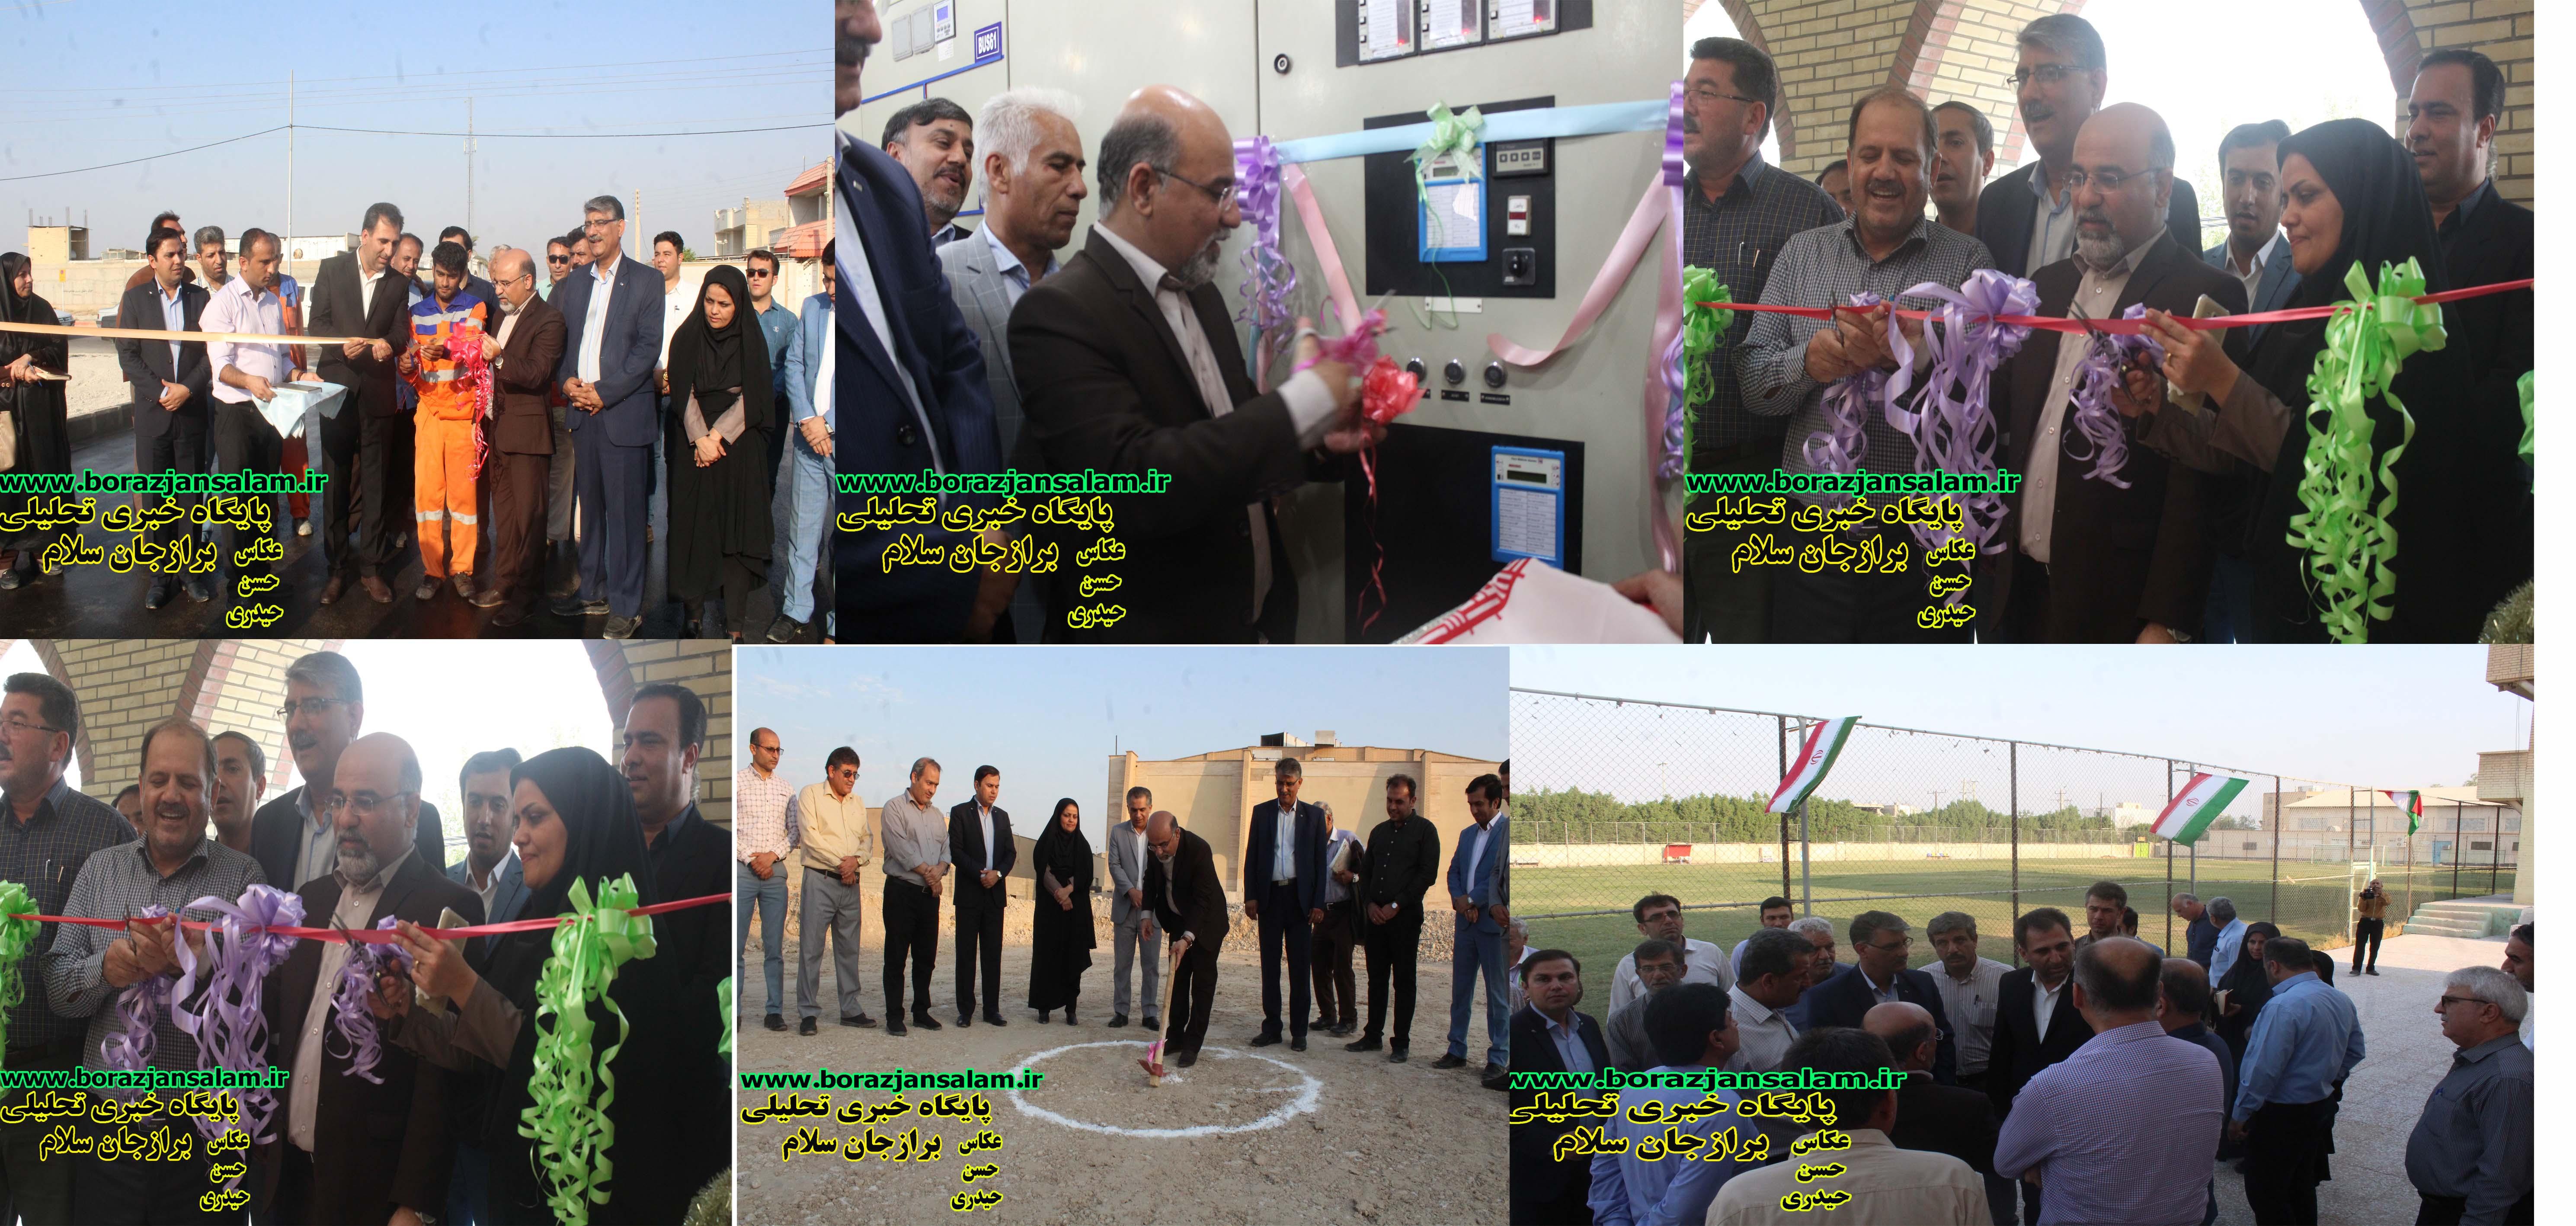 تصاویر افتتاح ۵ پروژه عمرانی و کلنگ زنی روز پنجم از هفته دولت در برازجان